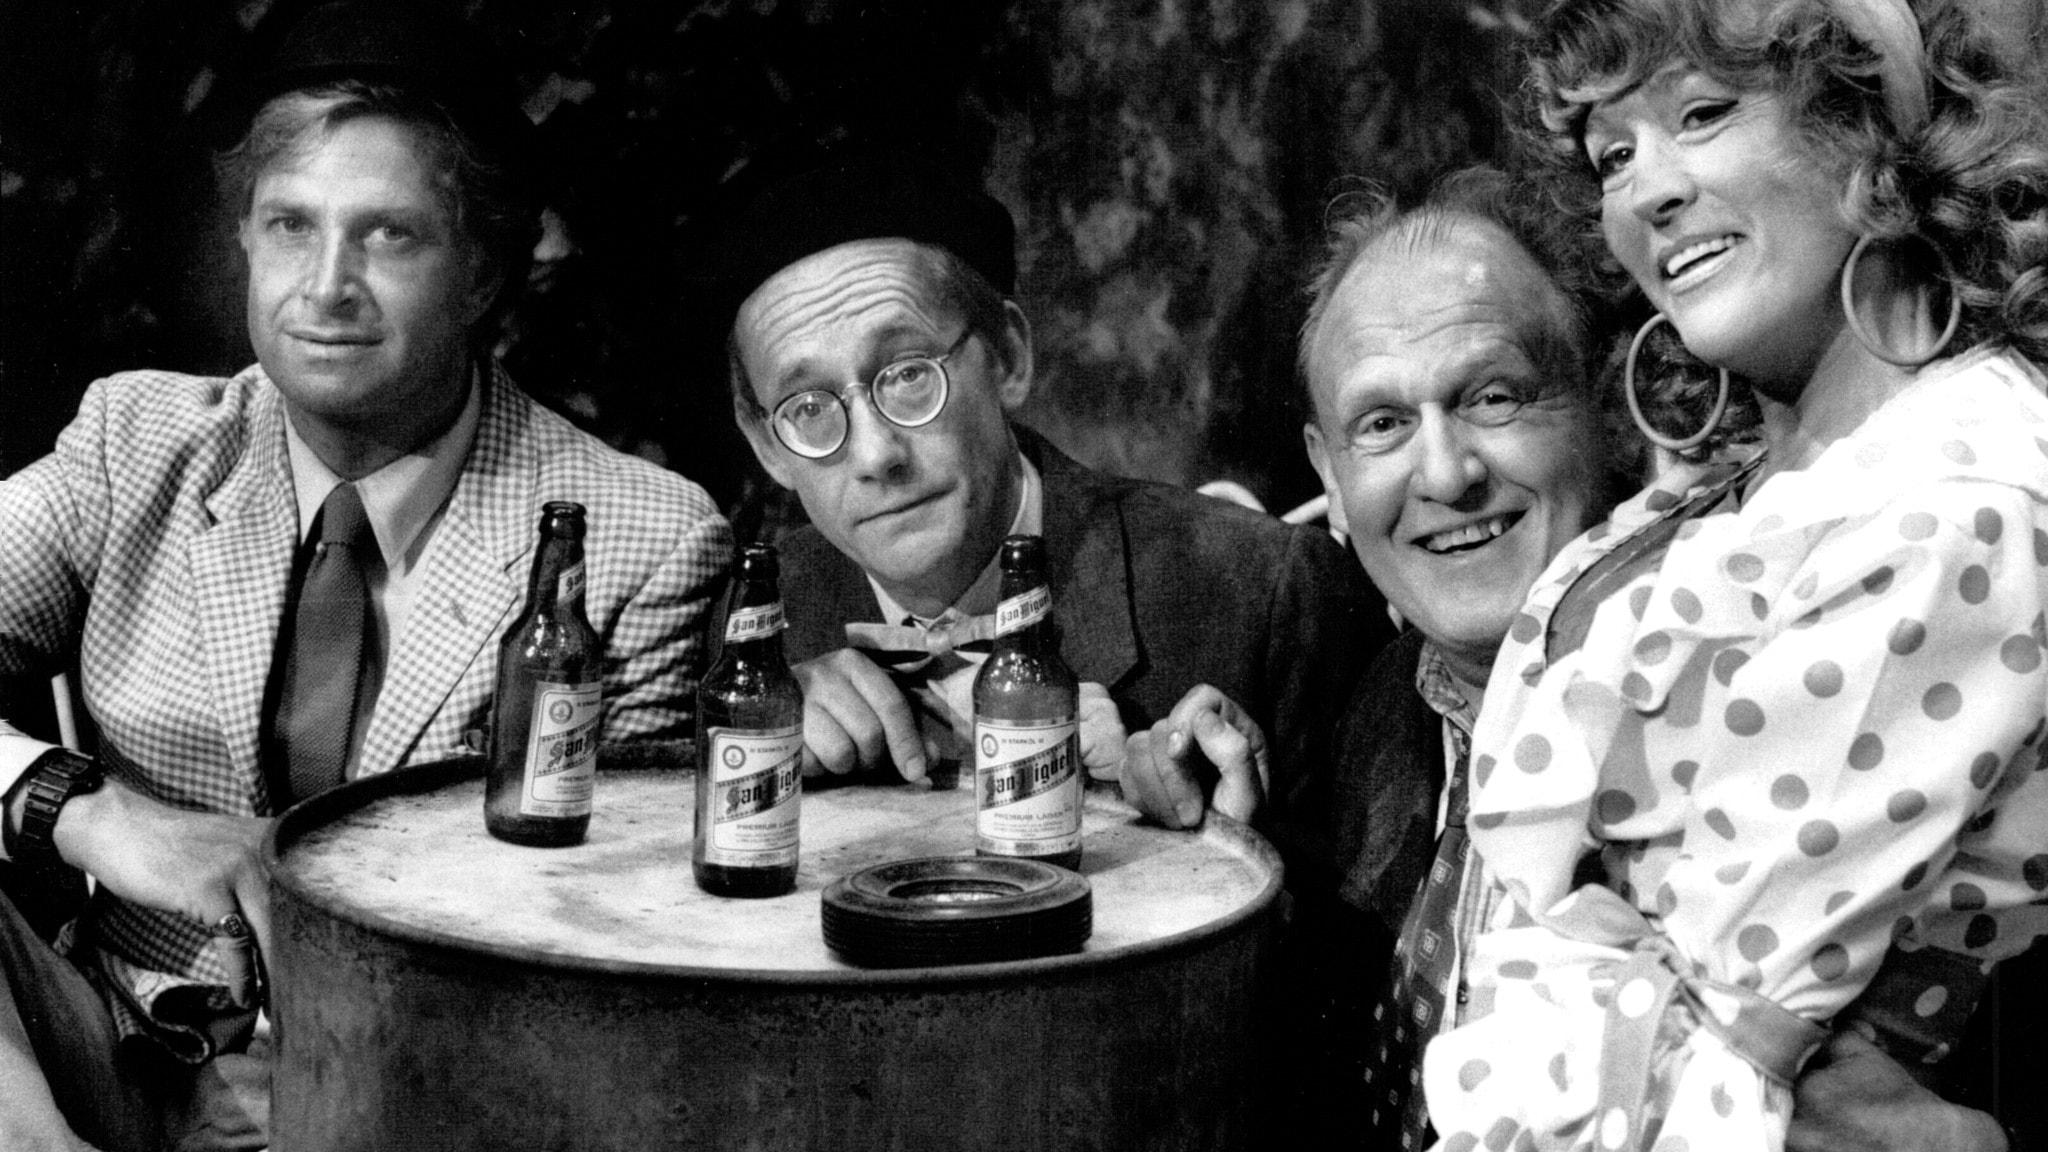 """Gösta Ekman (tvåa från vänster) tillsammans med Ulf Brunnberg, Björn Gustafsson och Birgitta Andersson i samband med inspelningen av """"Jönssonligan på Mallorca"""""""